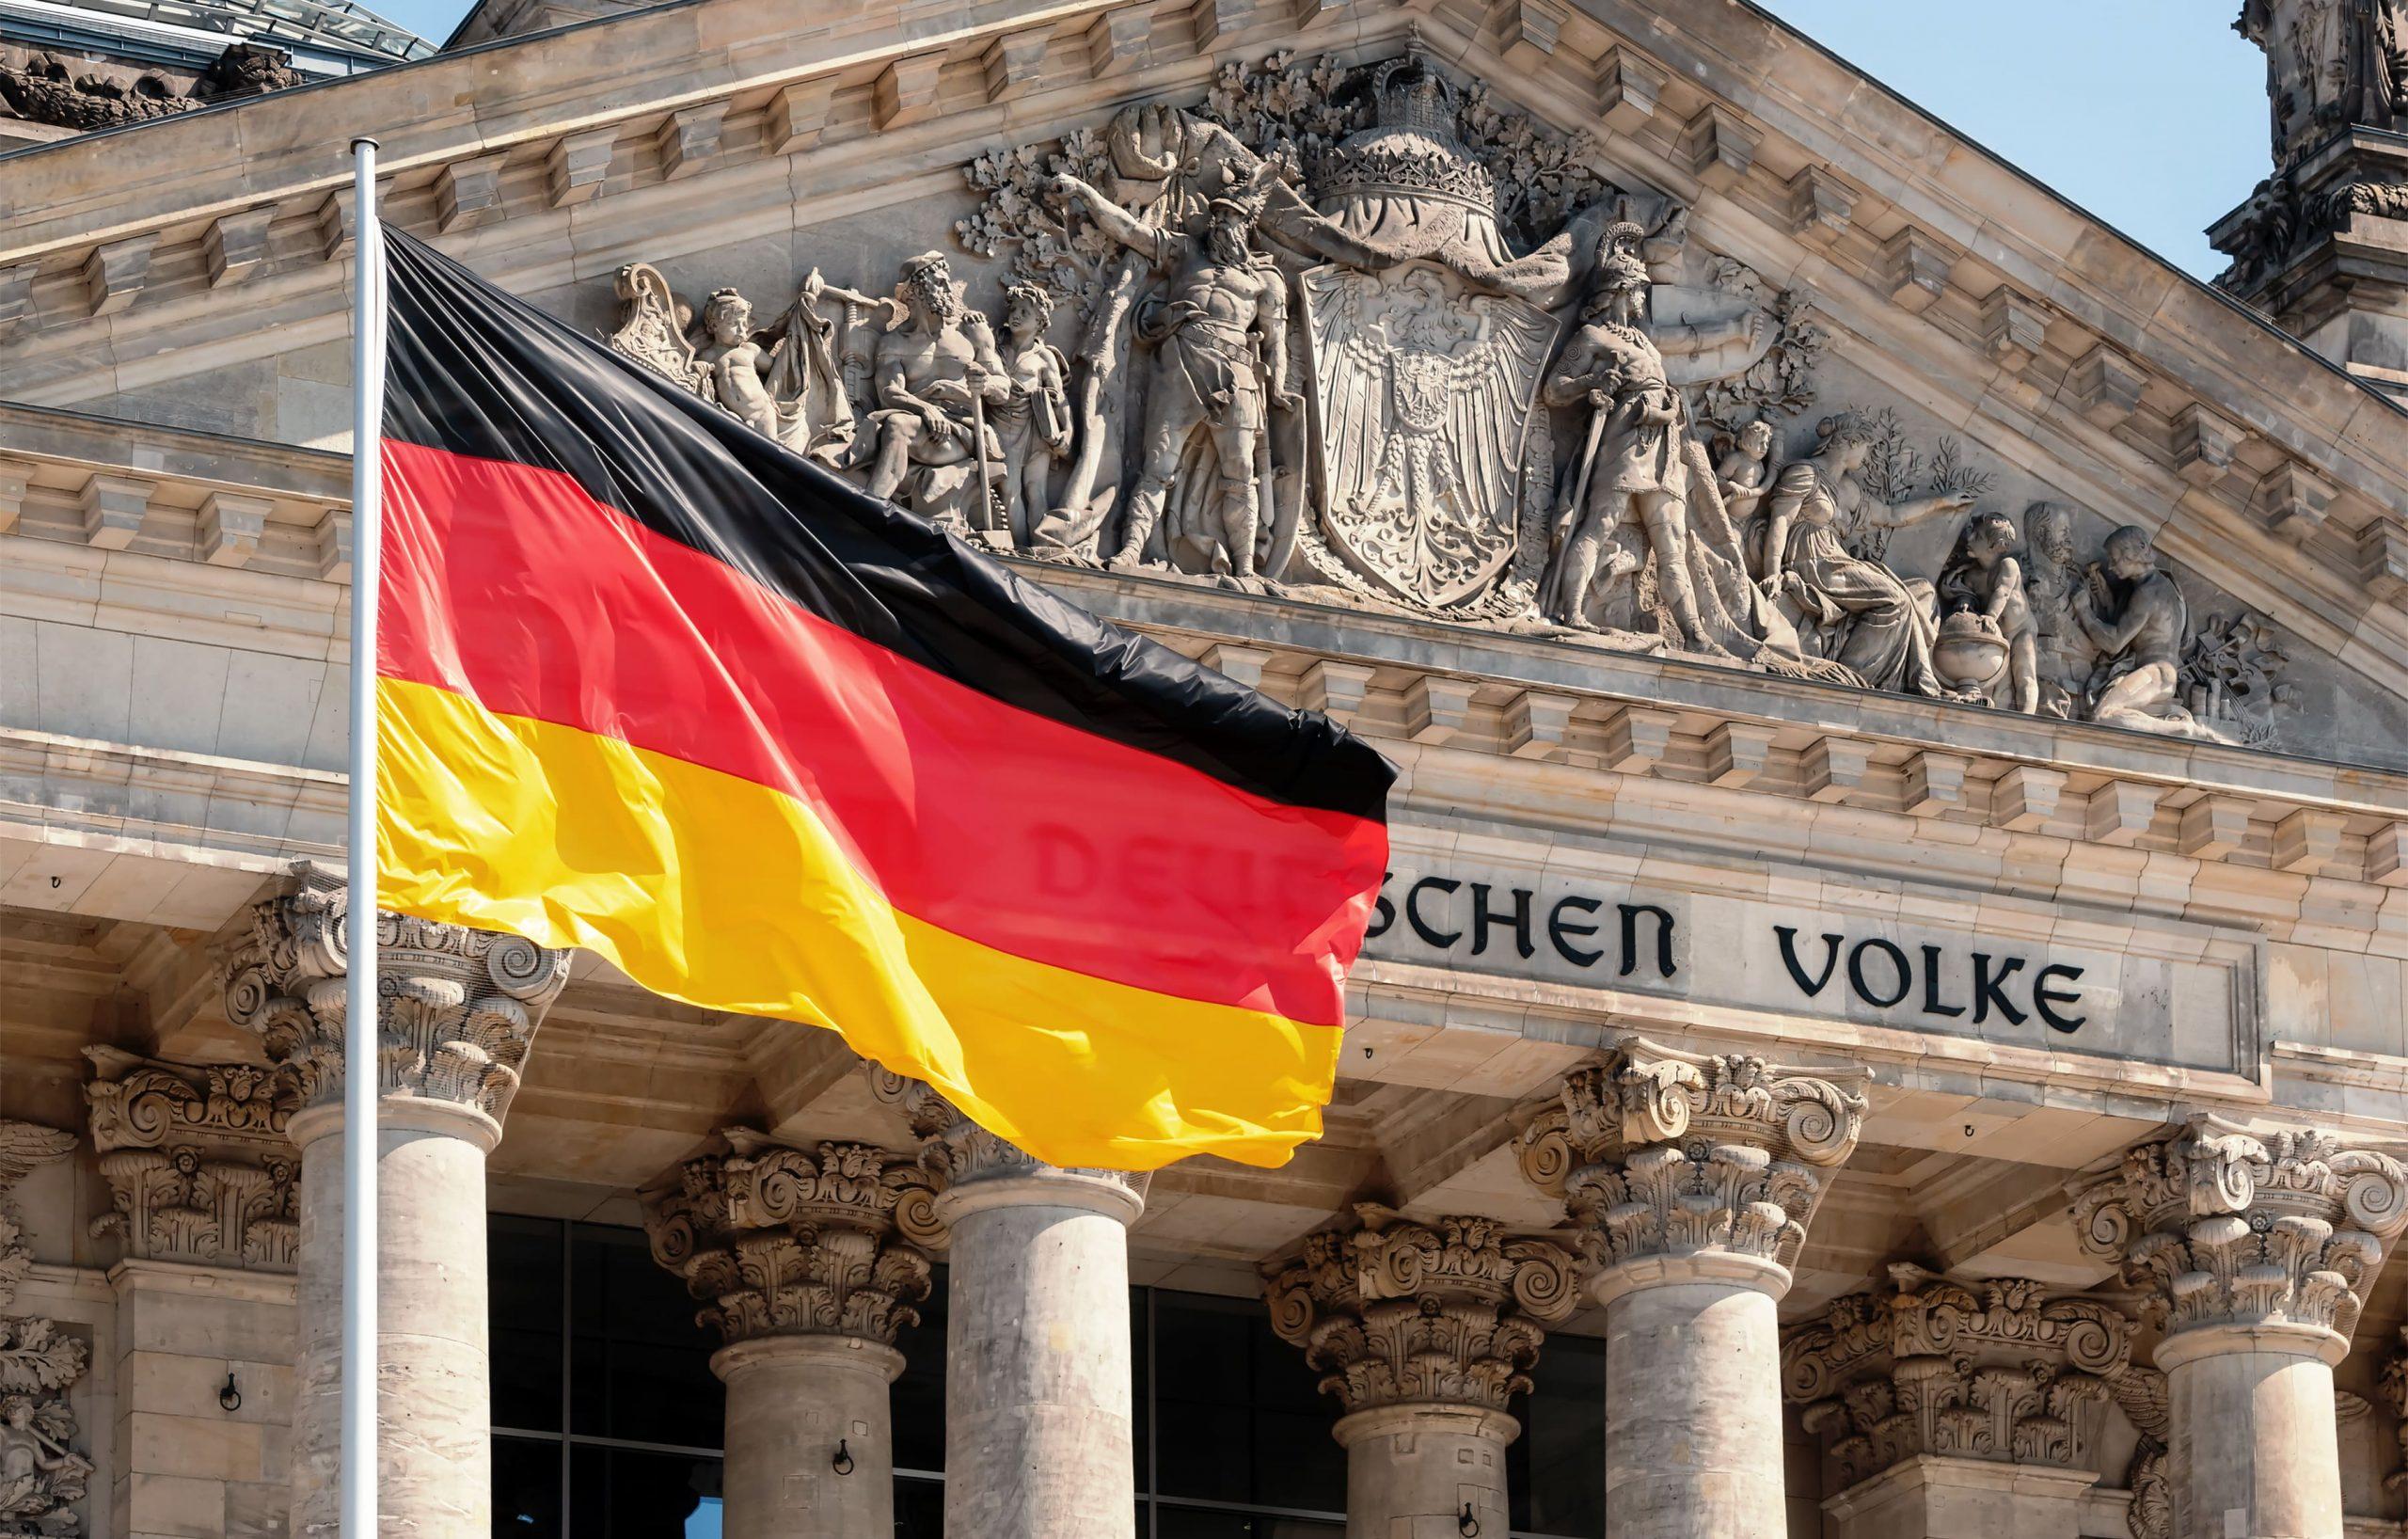 Der Reichstag mit einer wehenden deutschen Flagge davor. Ein Teil des Textes über dem Eingang ist von der Fahne verdeckt.